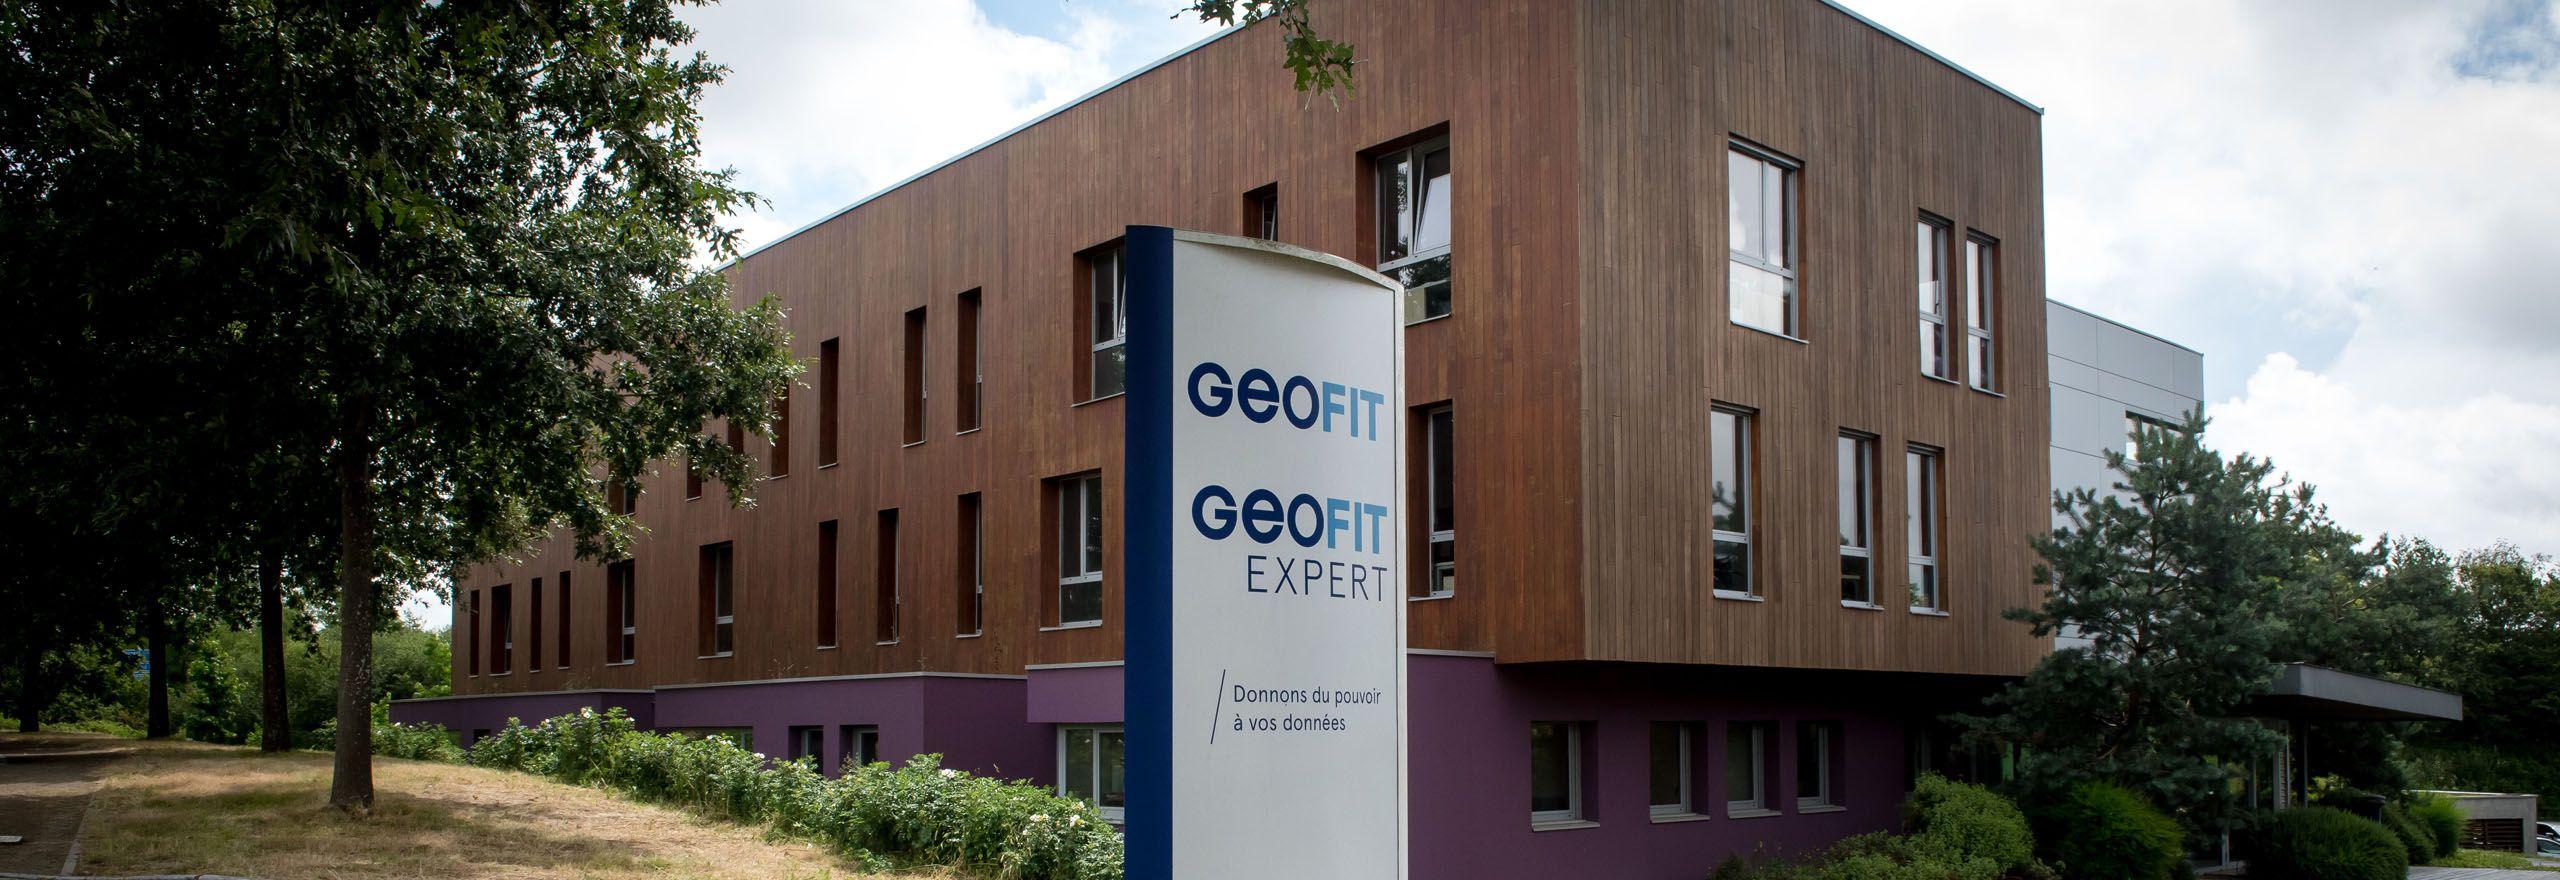 historique_geofit-group_hd